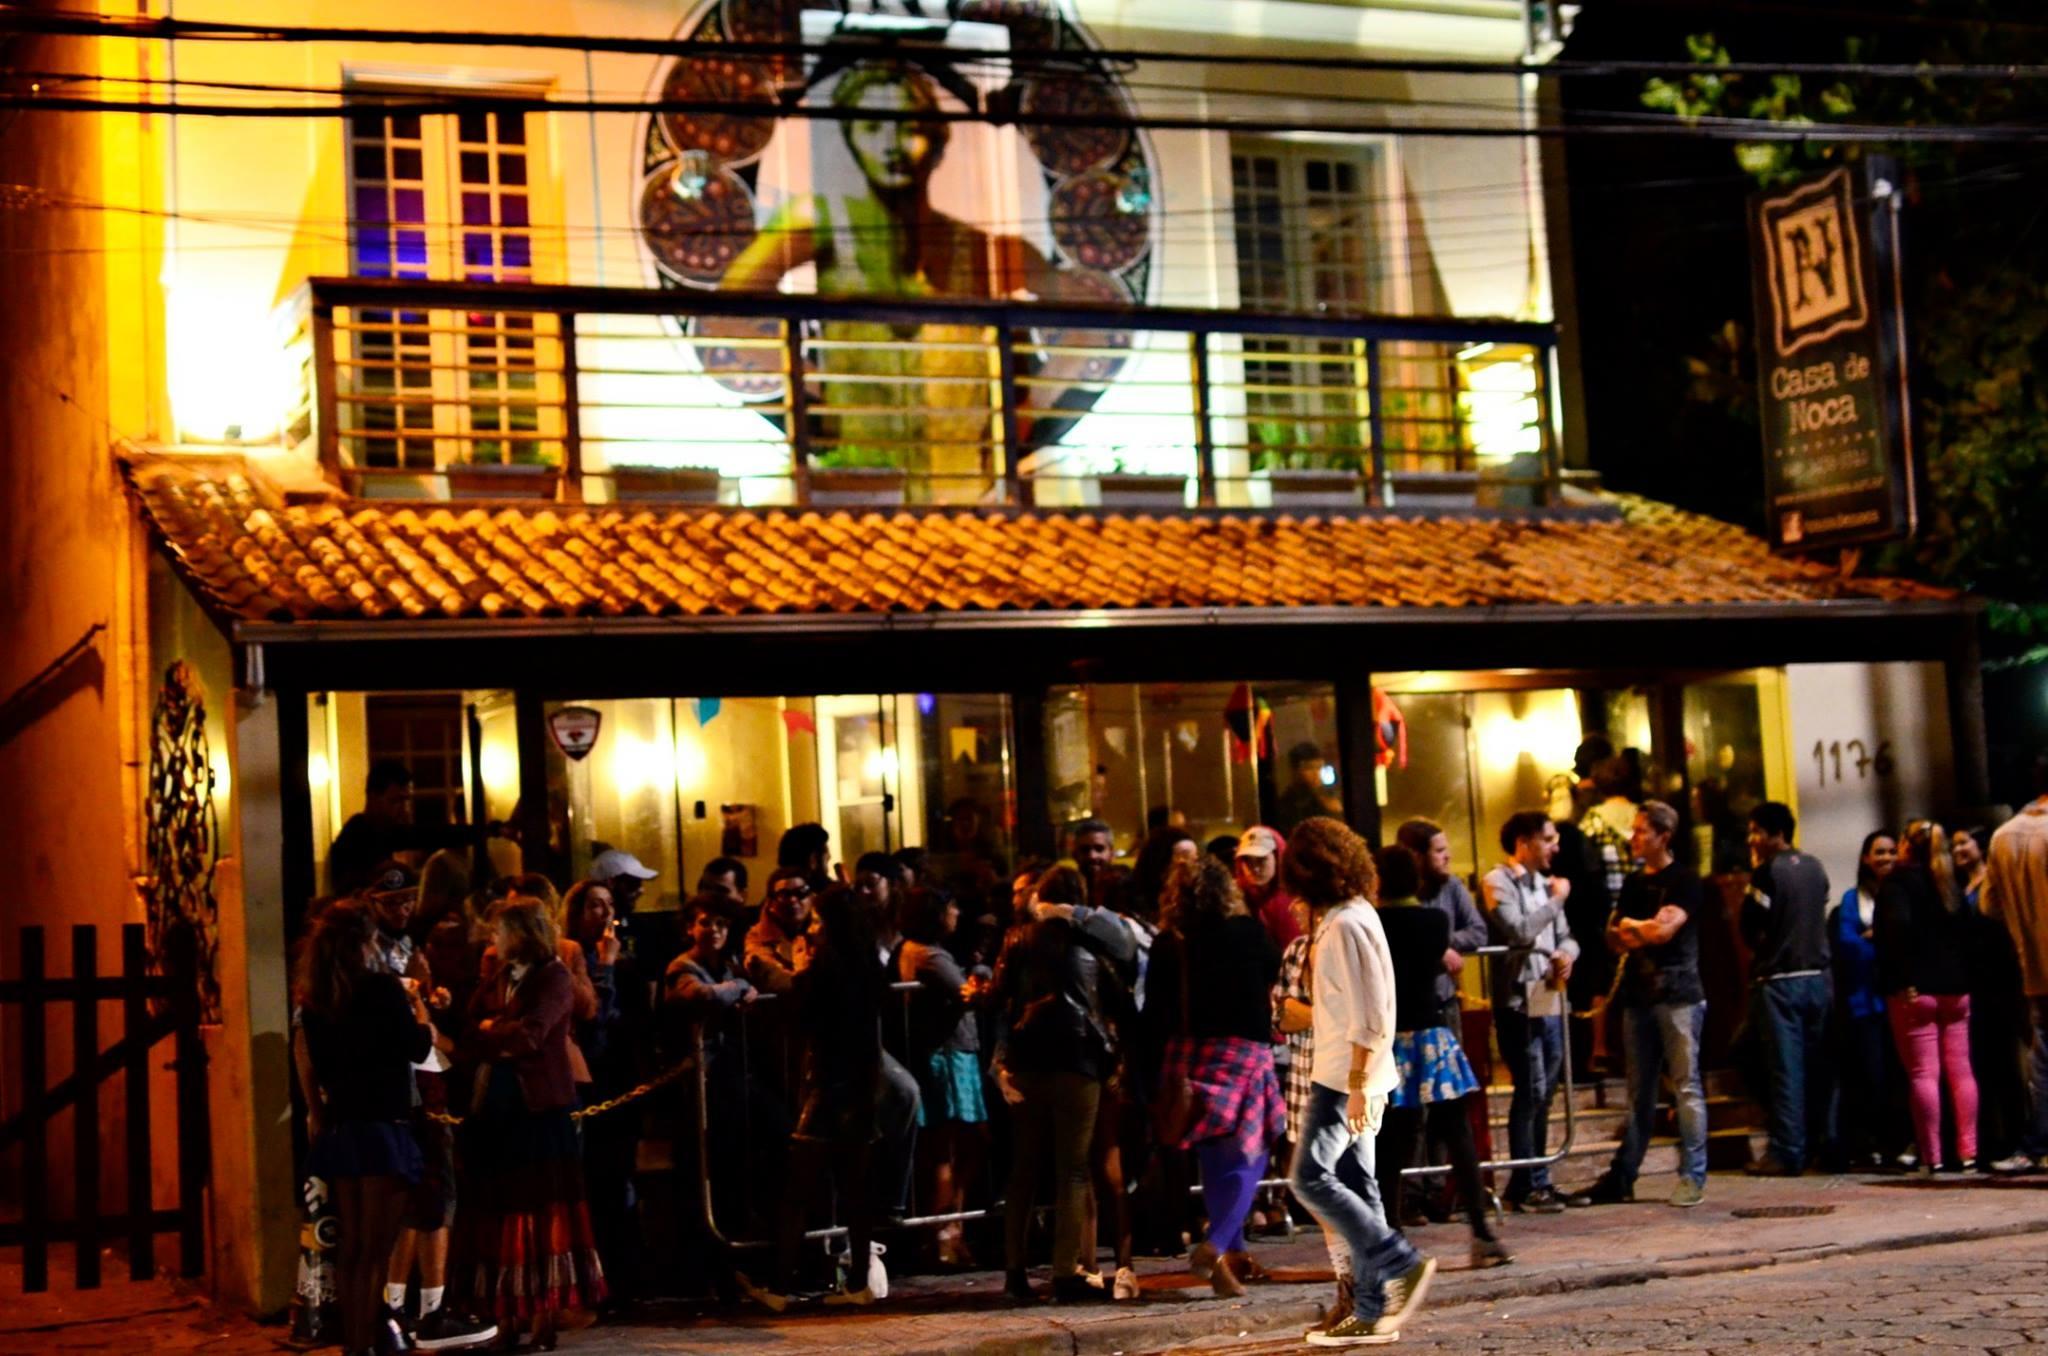 Na Casa de Noca, na Lagoa, a entrada grátis para mulheres deixou de ser praticada em 2012 - Divulgação/ND